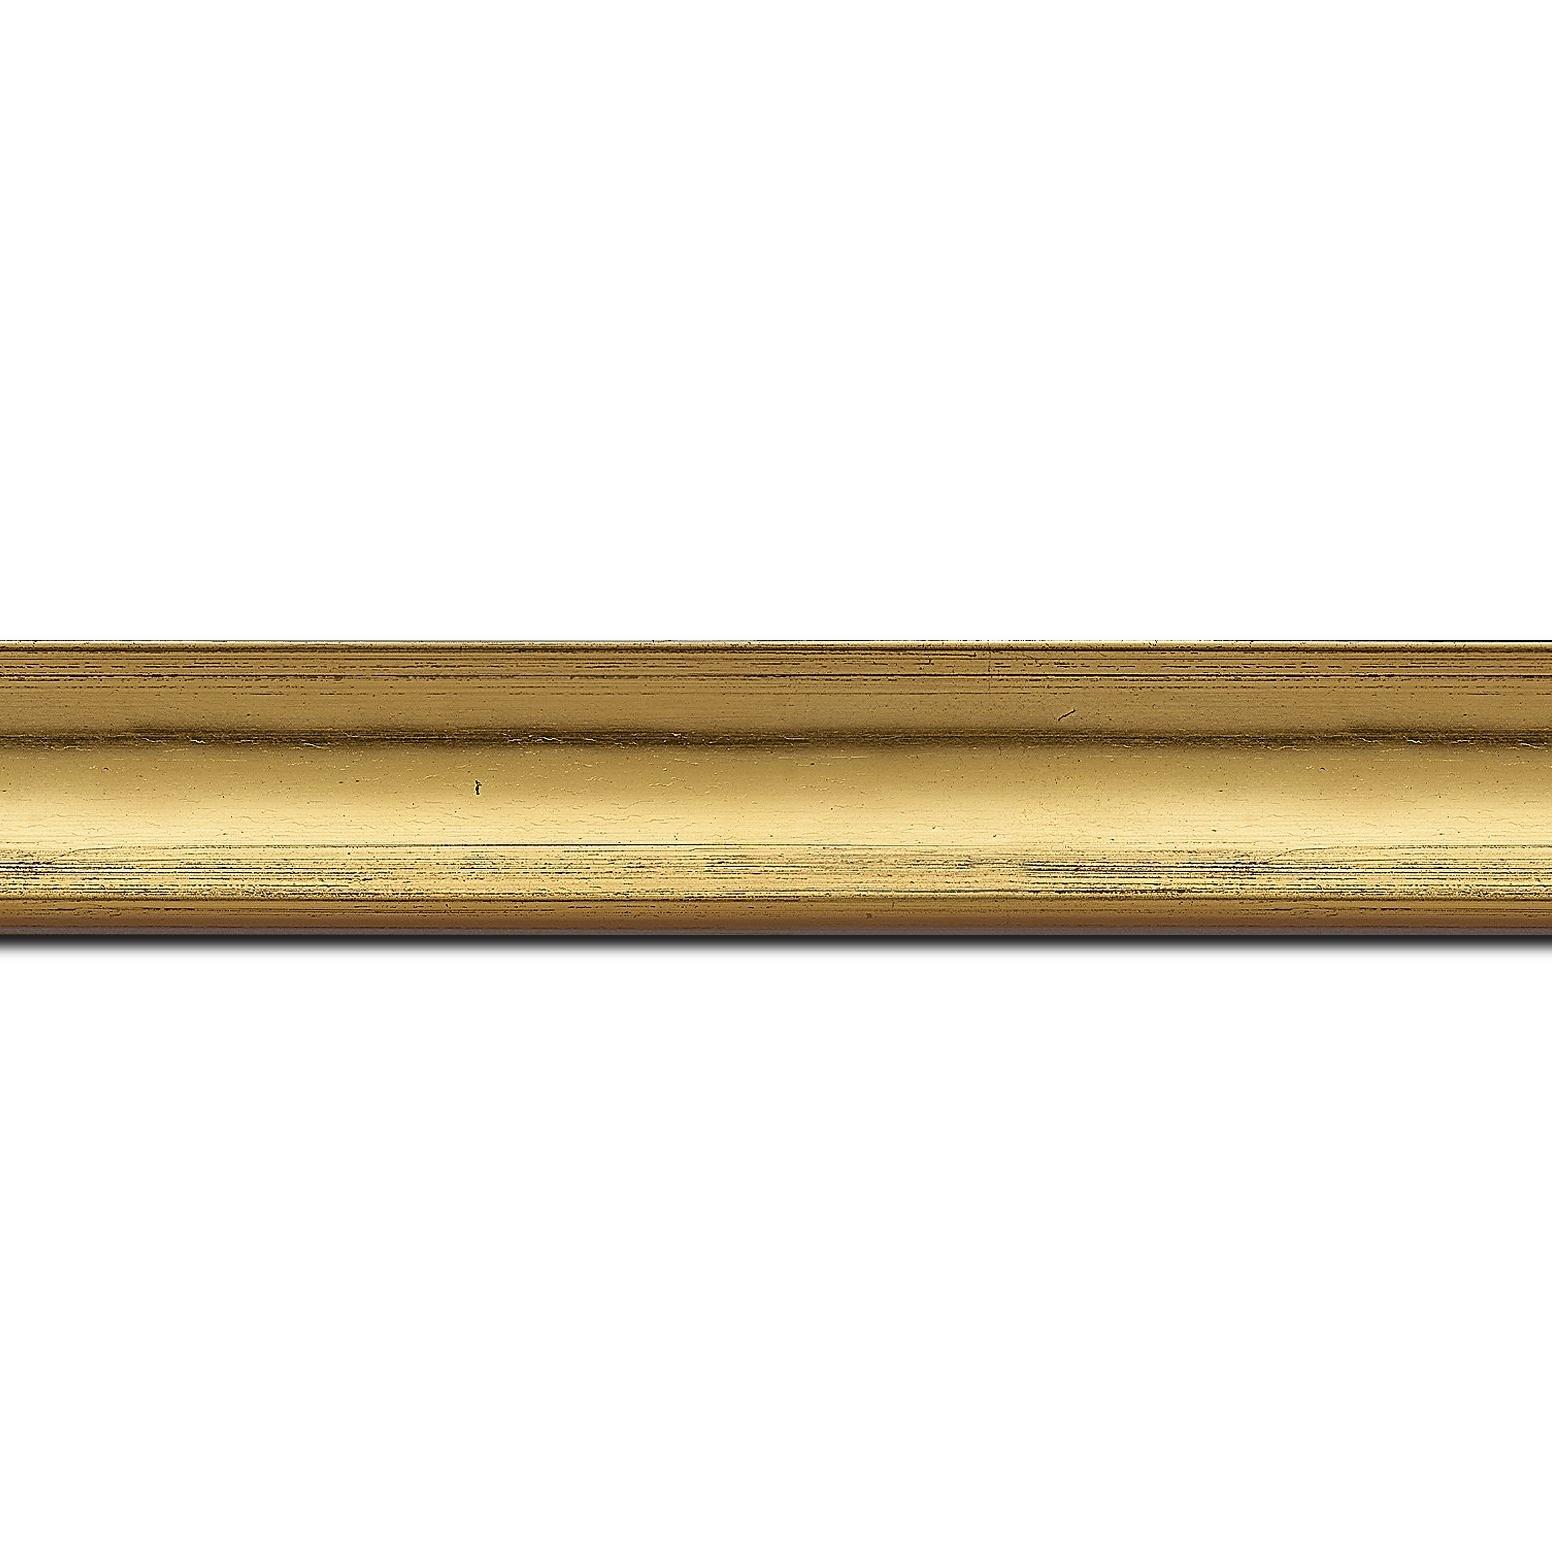 Pack par 12m, bois profil concave largeur 3cm couleur or coté extérieur foncé. finition haut de gamme car dorure à l'eau fait main (longueur baguette pouvant varier entre 2.40m et 3m selon arrivage des bois)